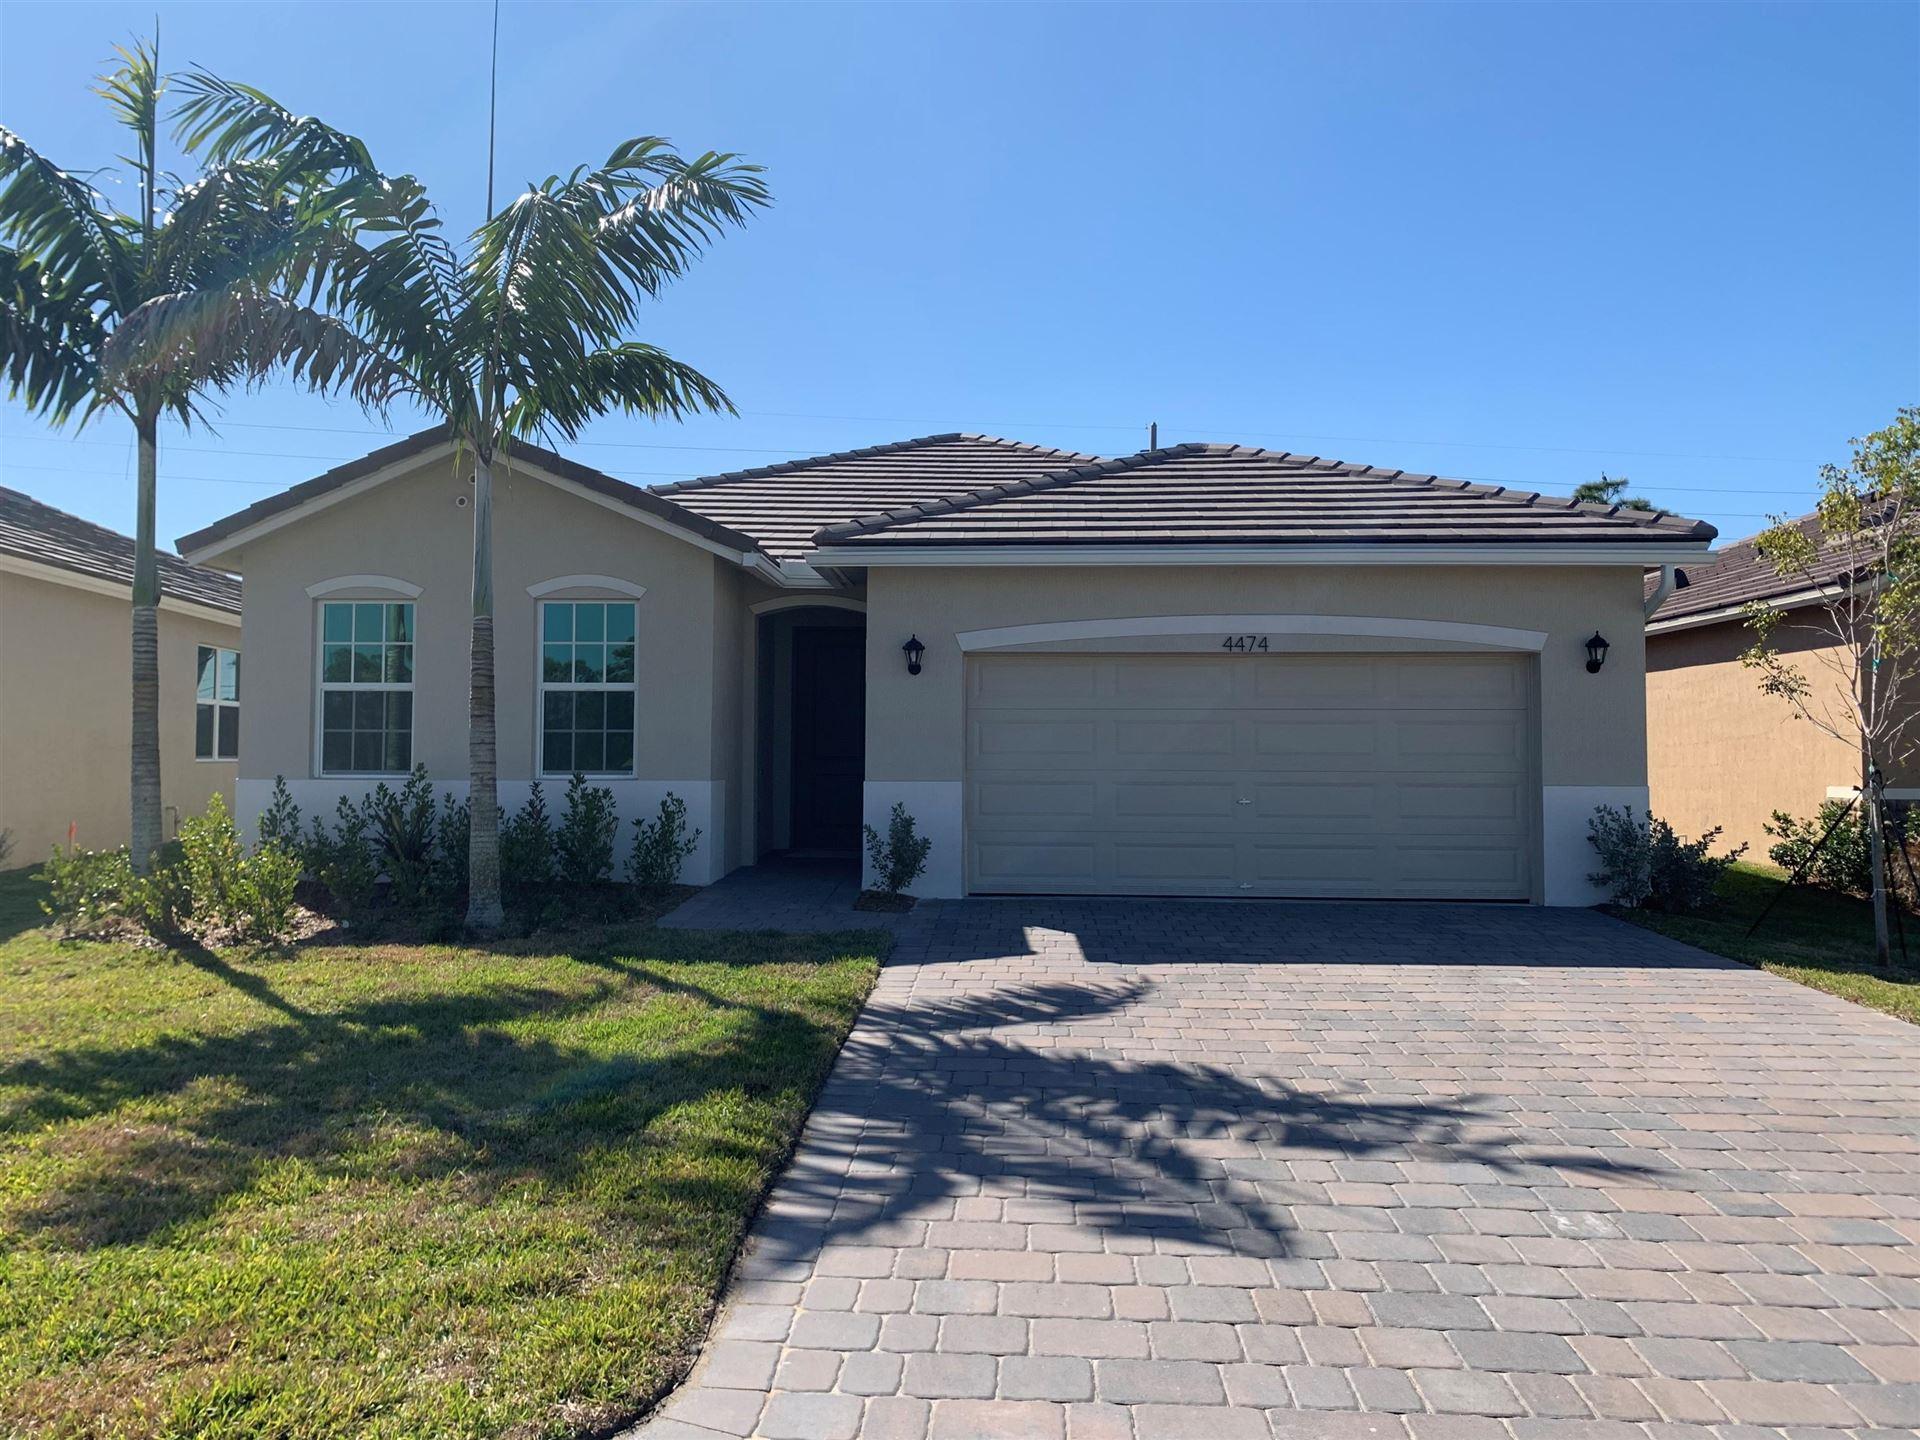 4474 NW King Court, Jensen Beach, FL 34957 - #: RX-10691878